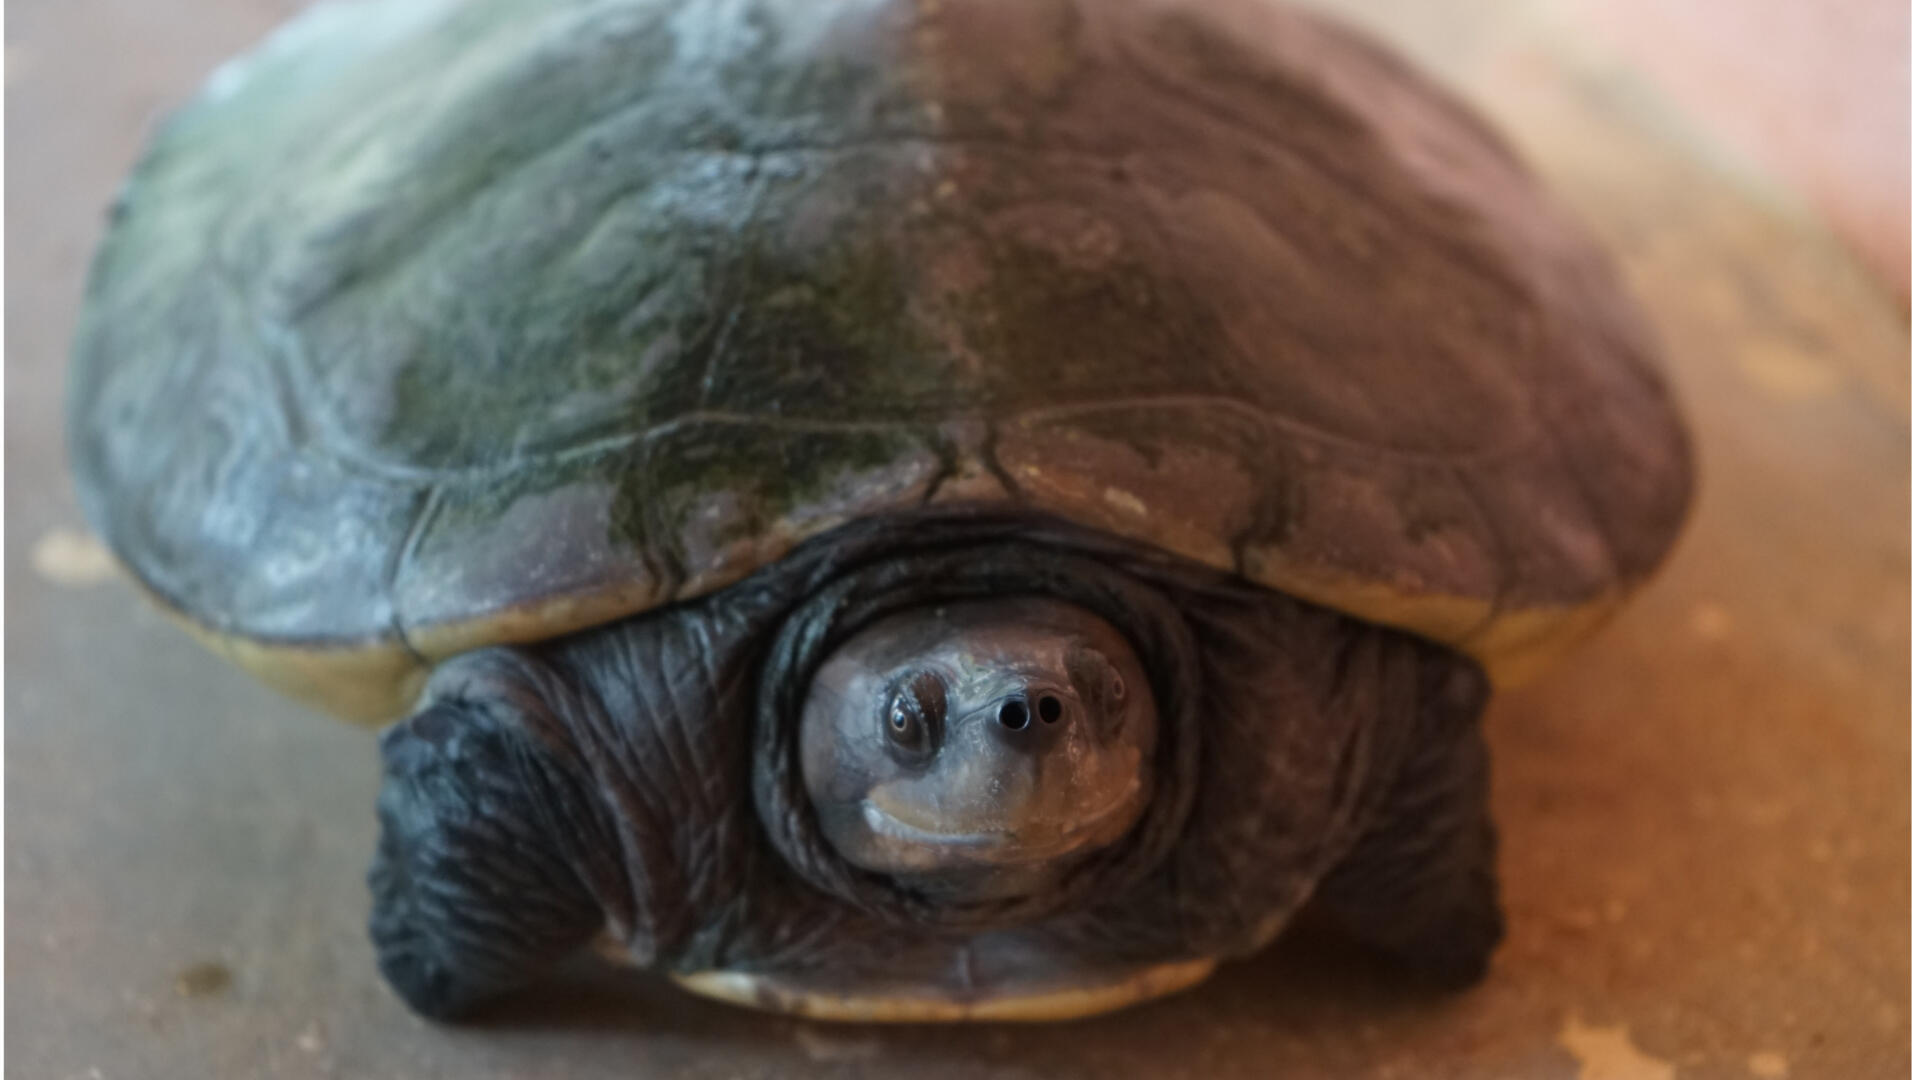 Une tortue Batagur âgée de 4 ans. Elle ne sera mature sexuellement qu'à 20 ans environ.